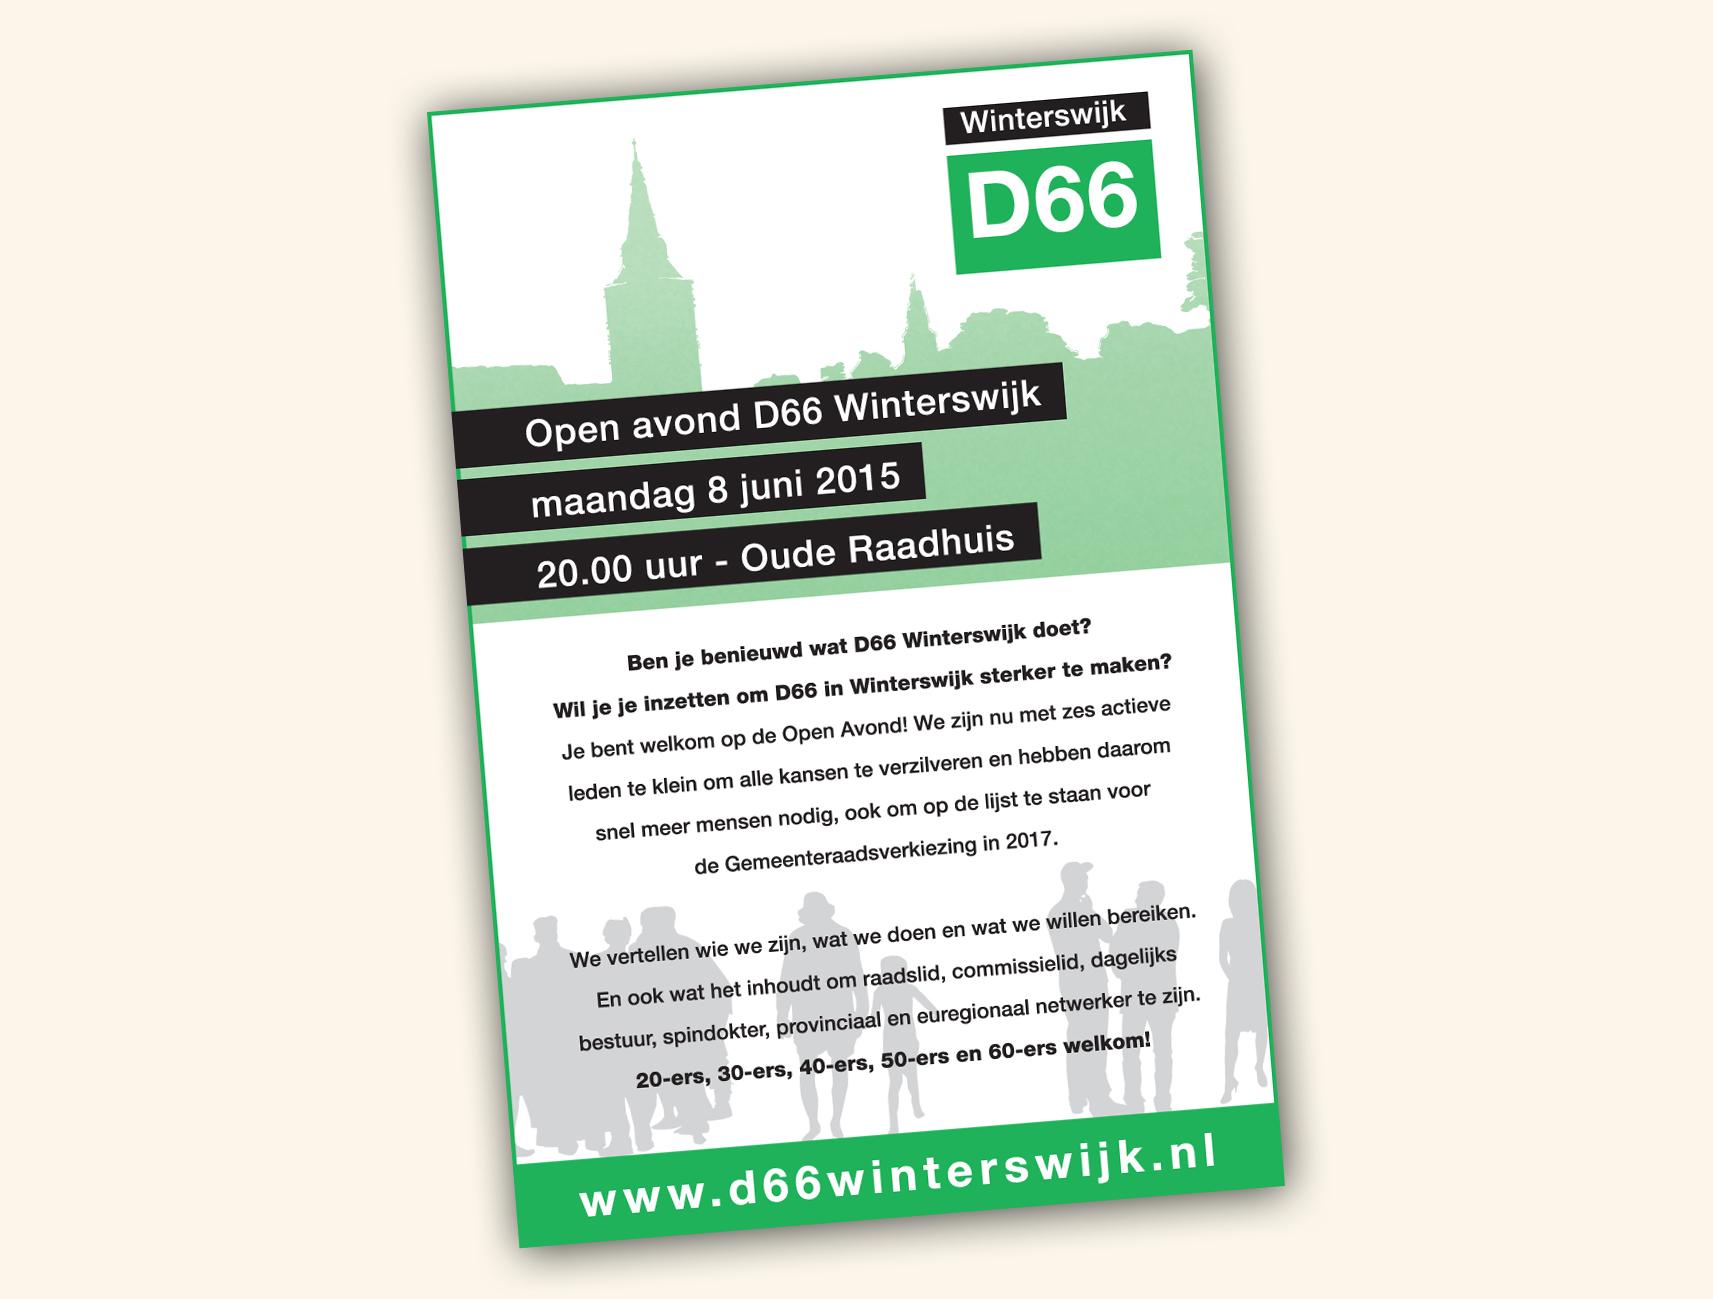 D66-Winterswijk advertentie